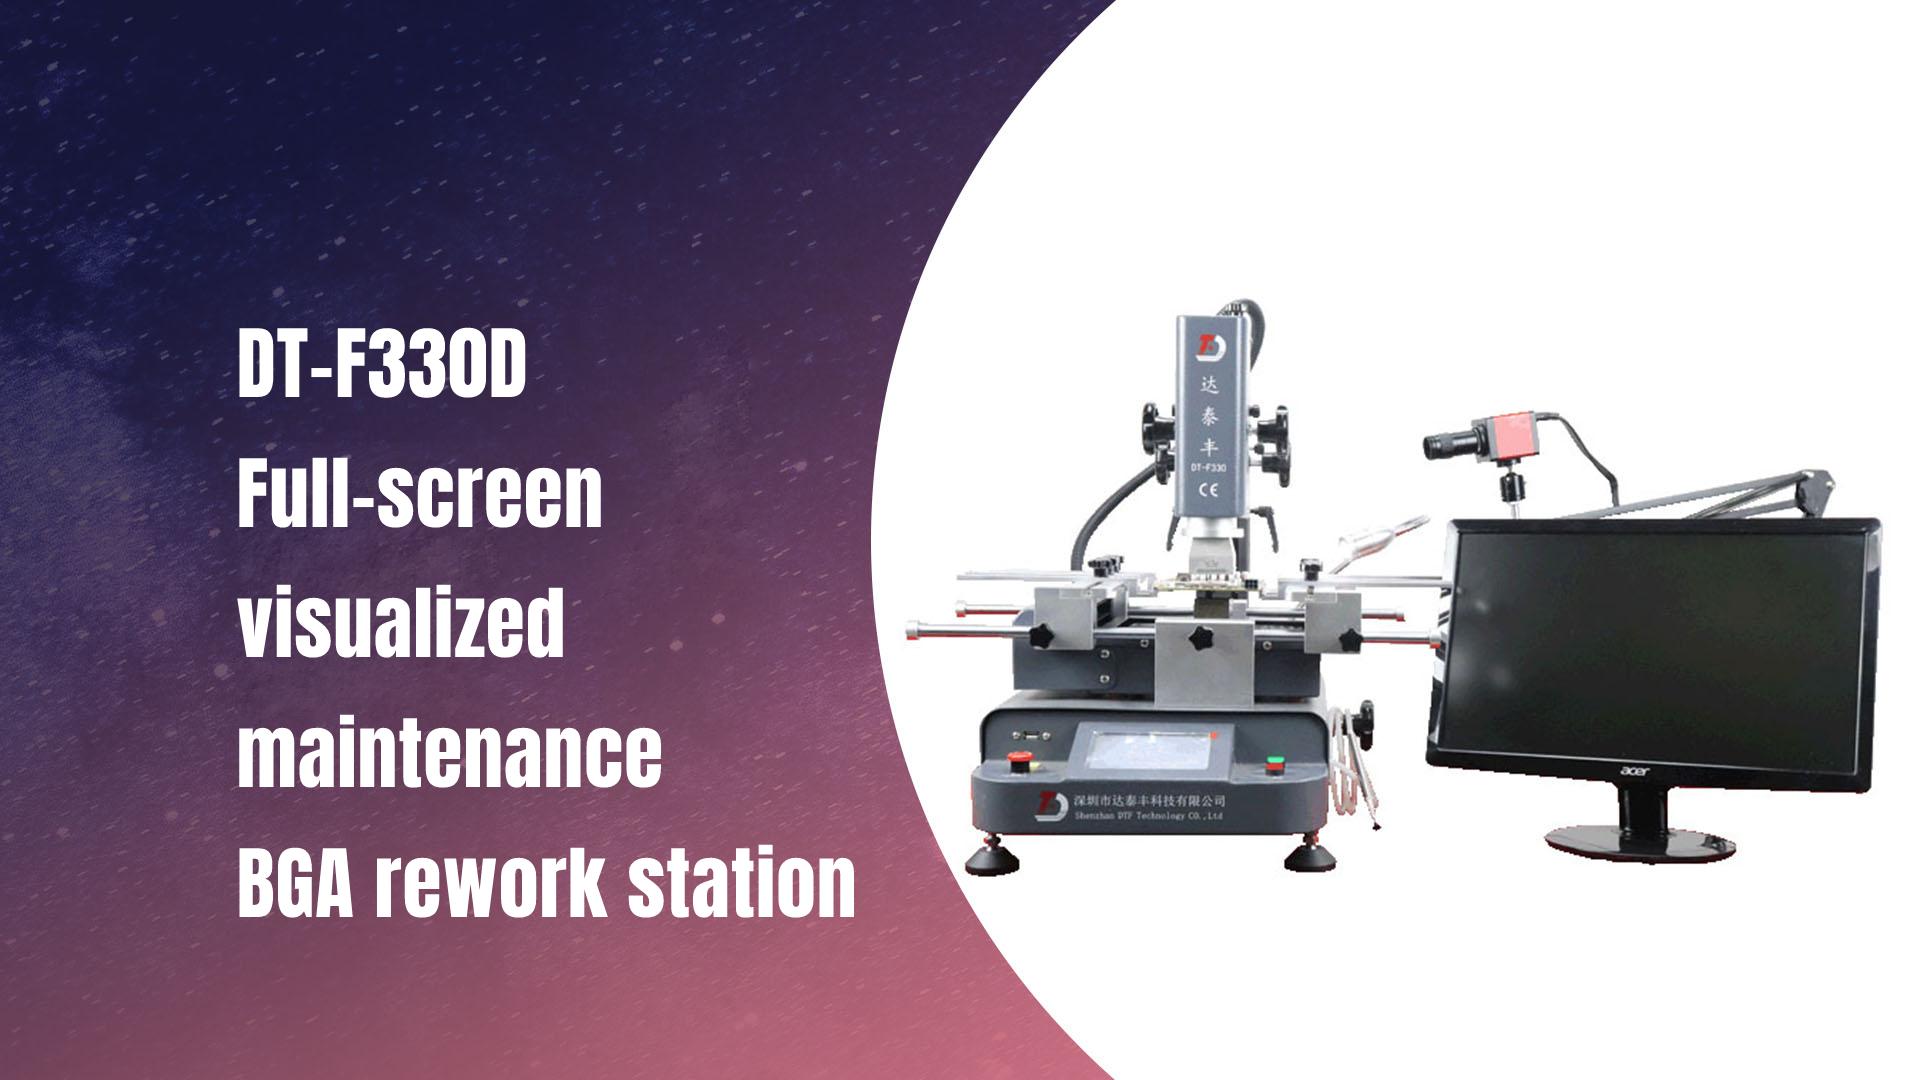 DT-F330D Full-Screen Visualized Maintenance BGA ReWork Station